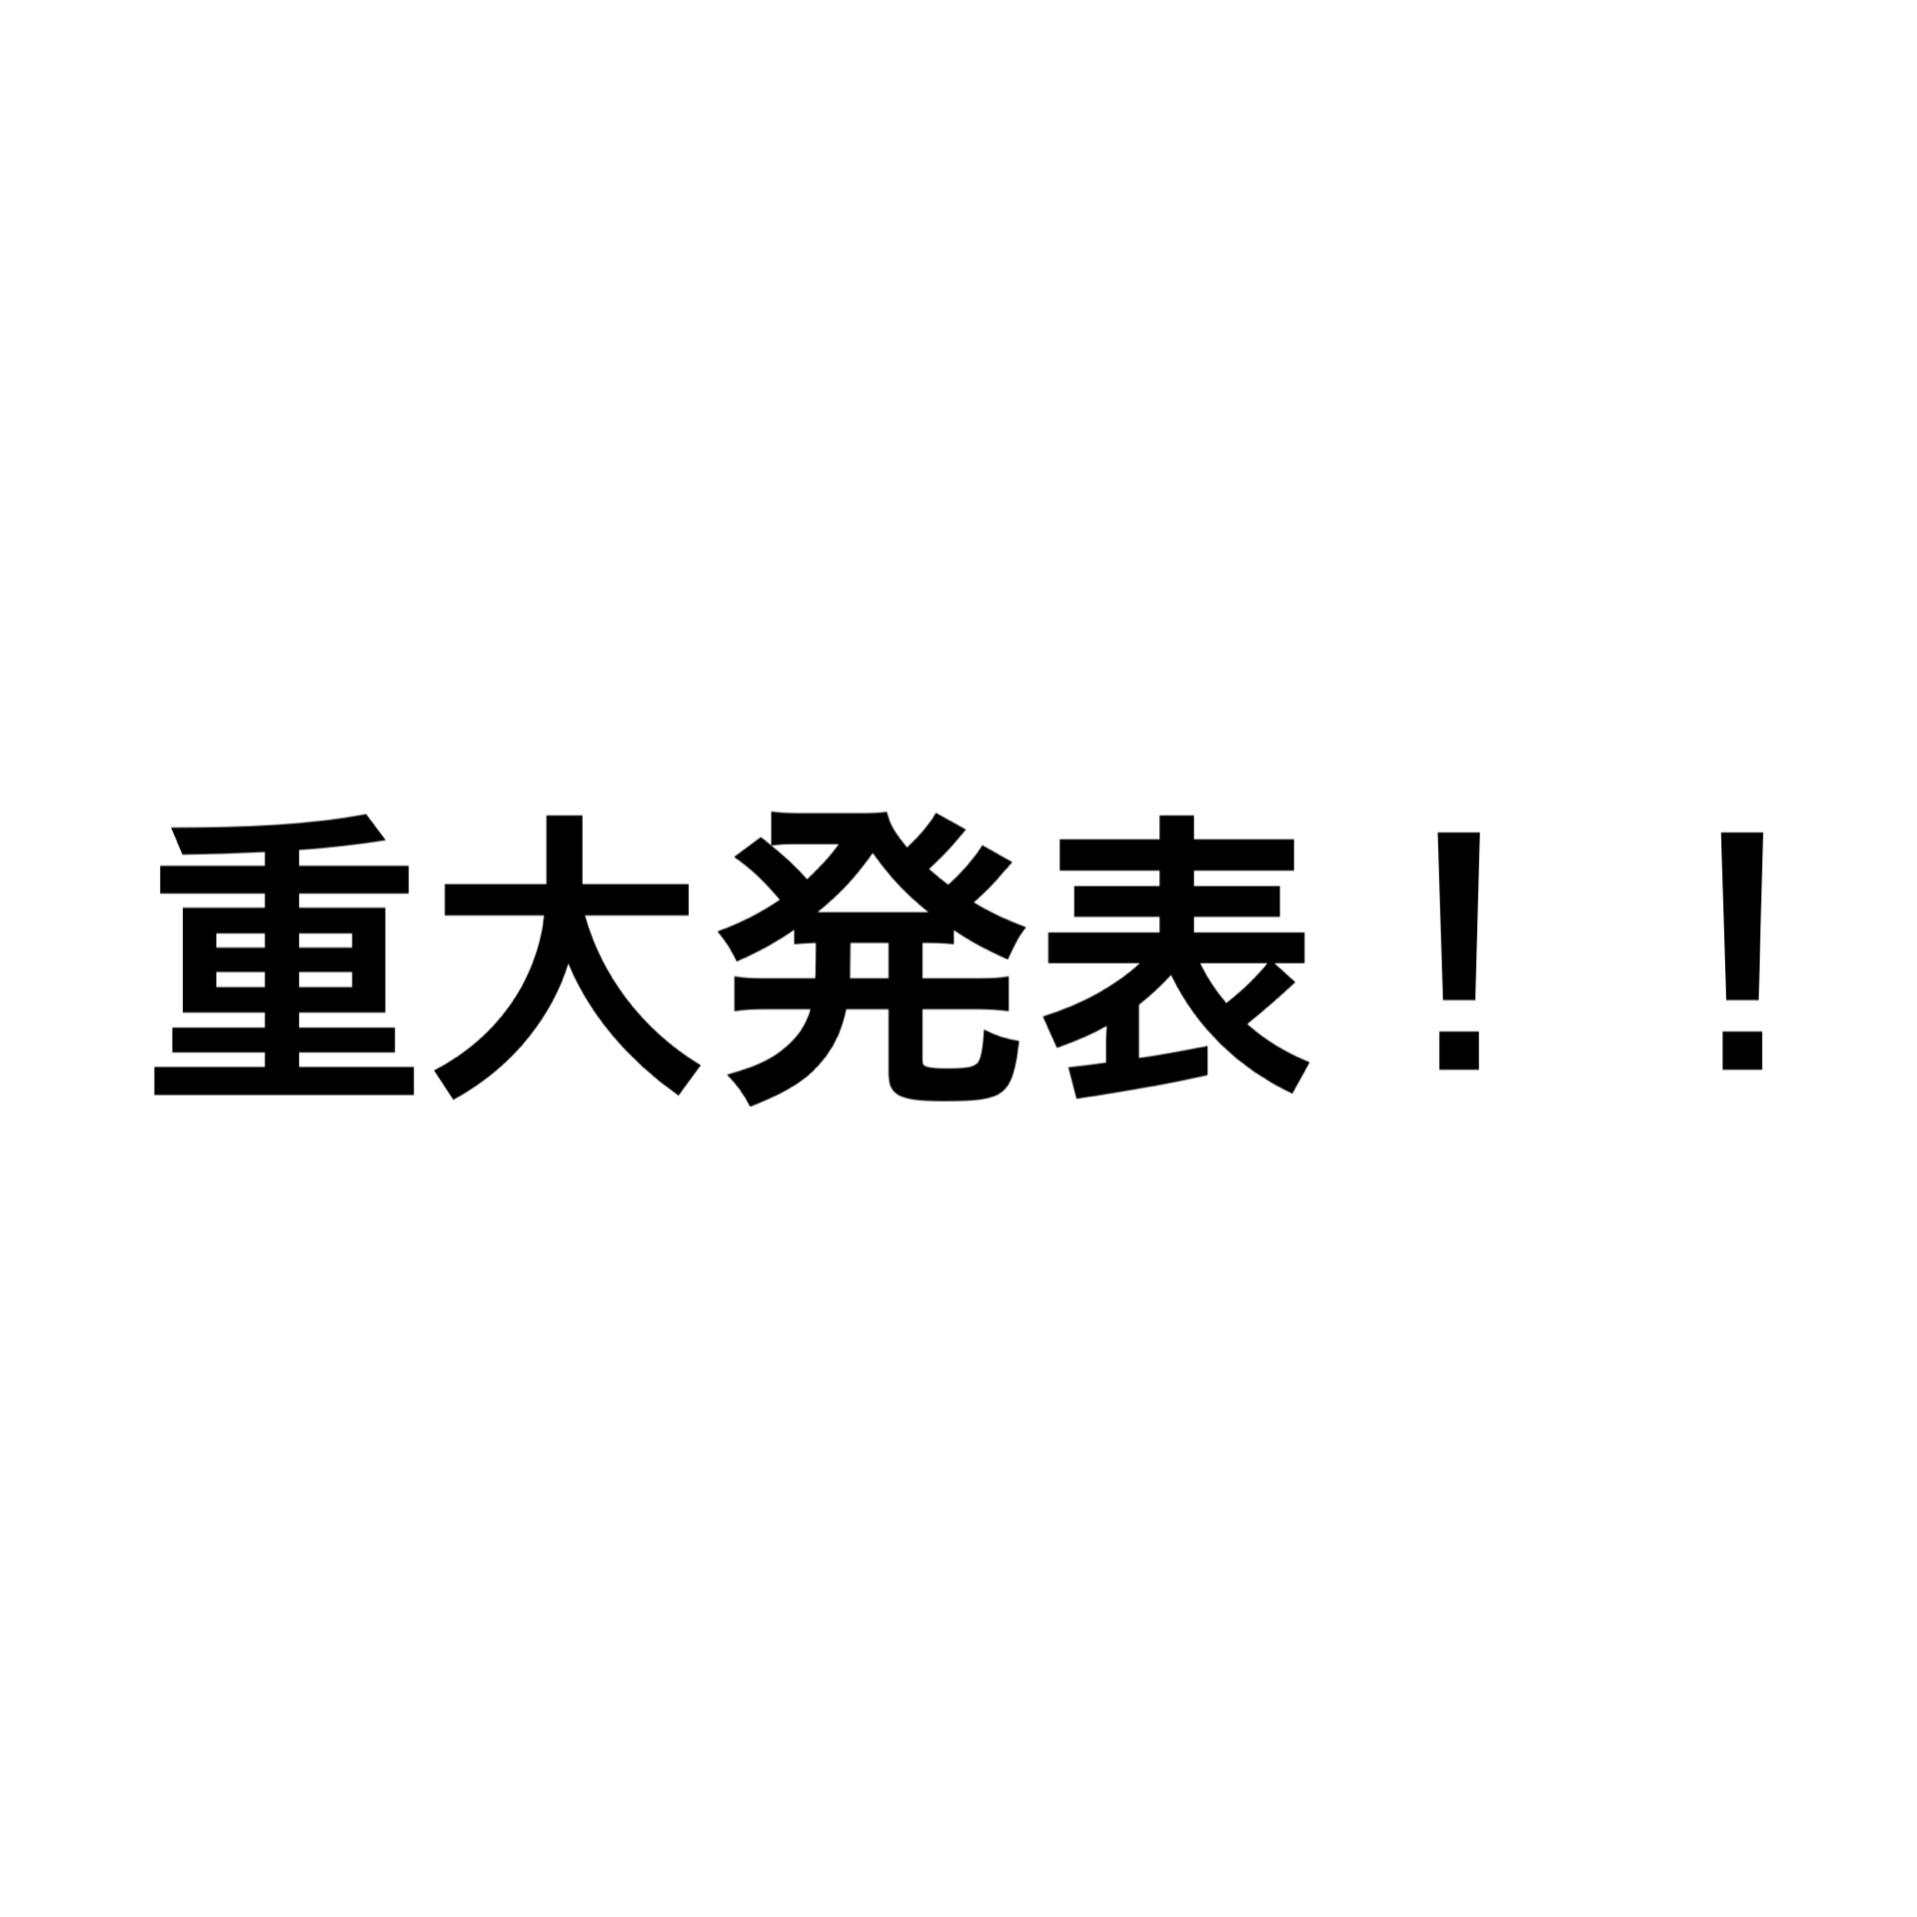 記事 !!重大発表!!のアイキャッチ画像